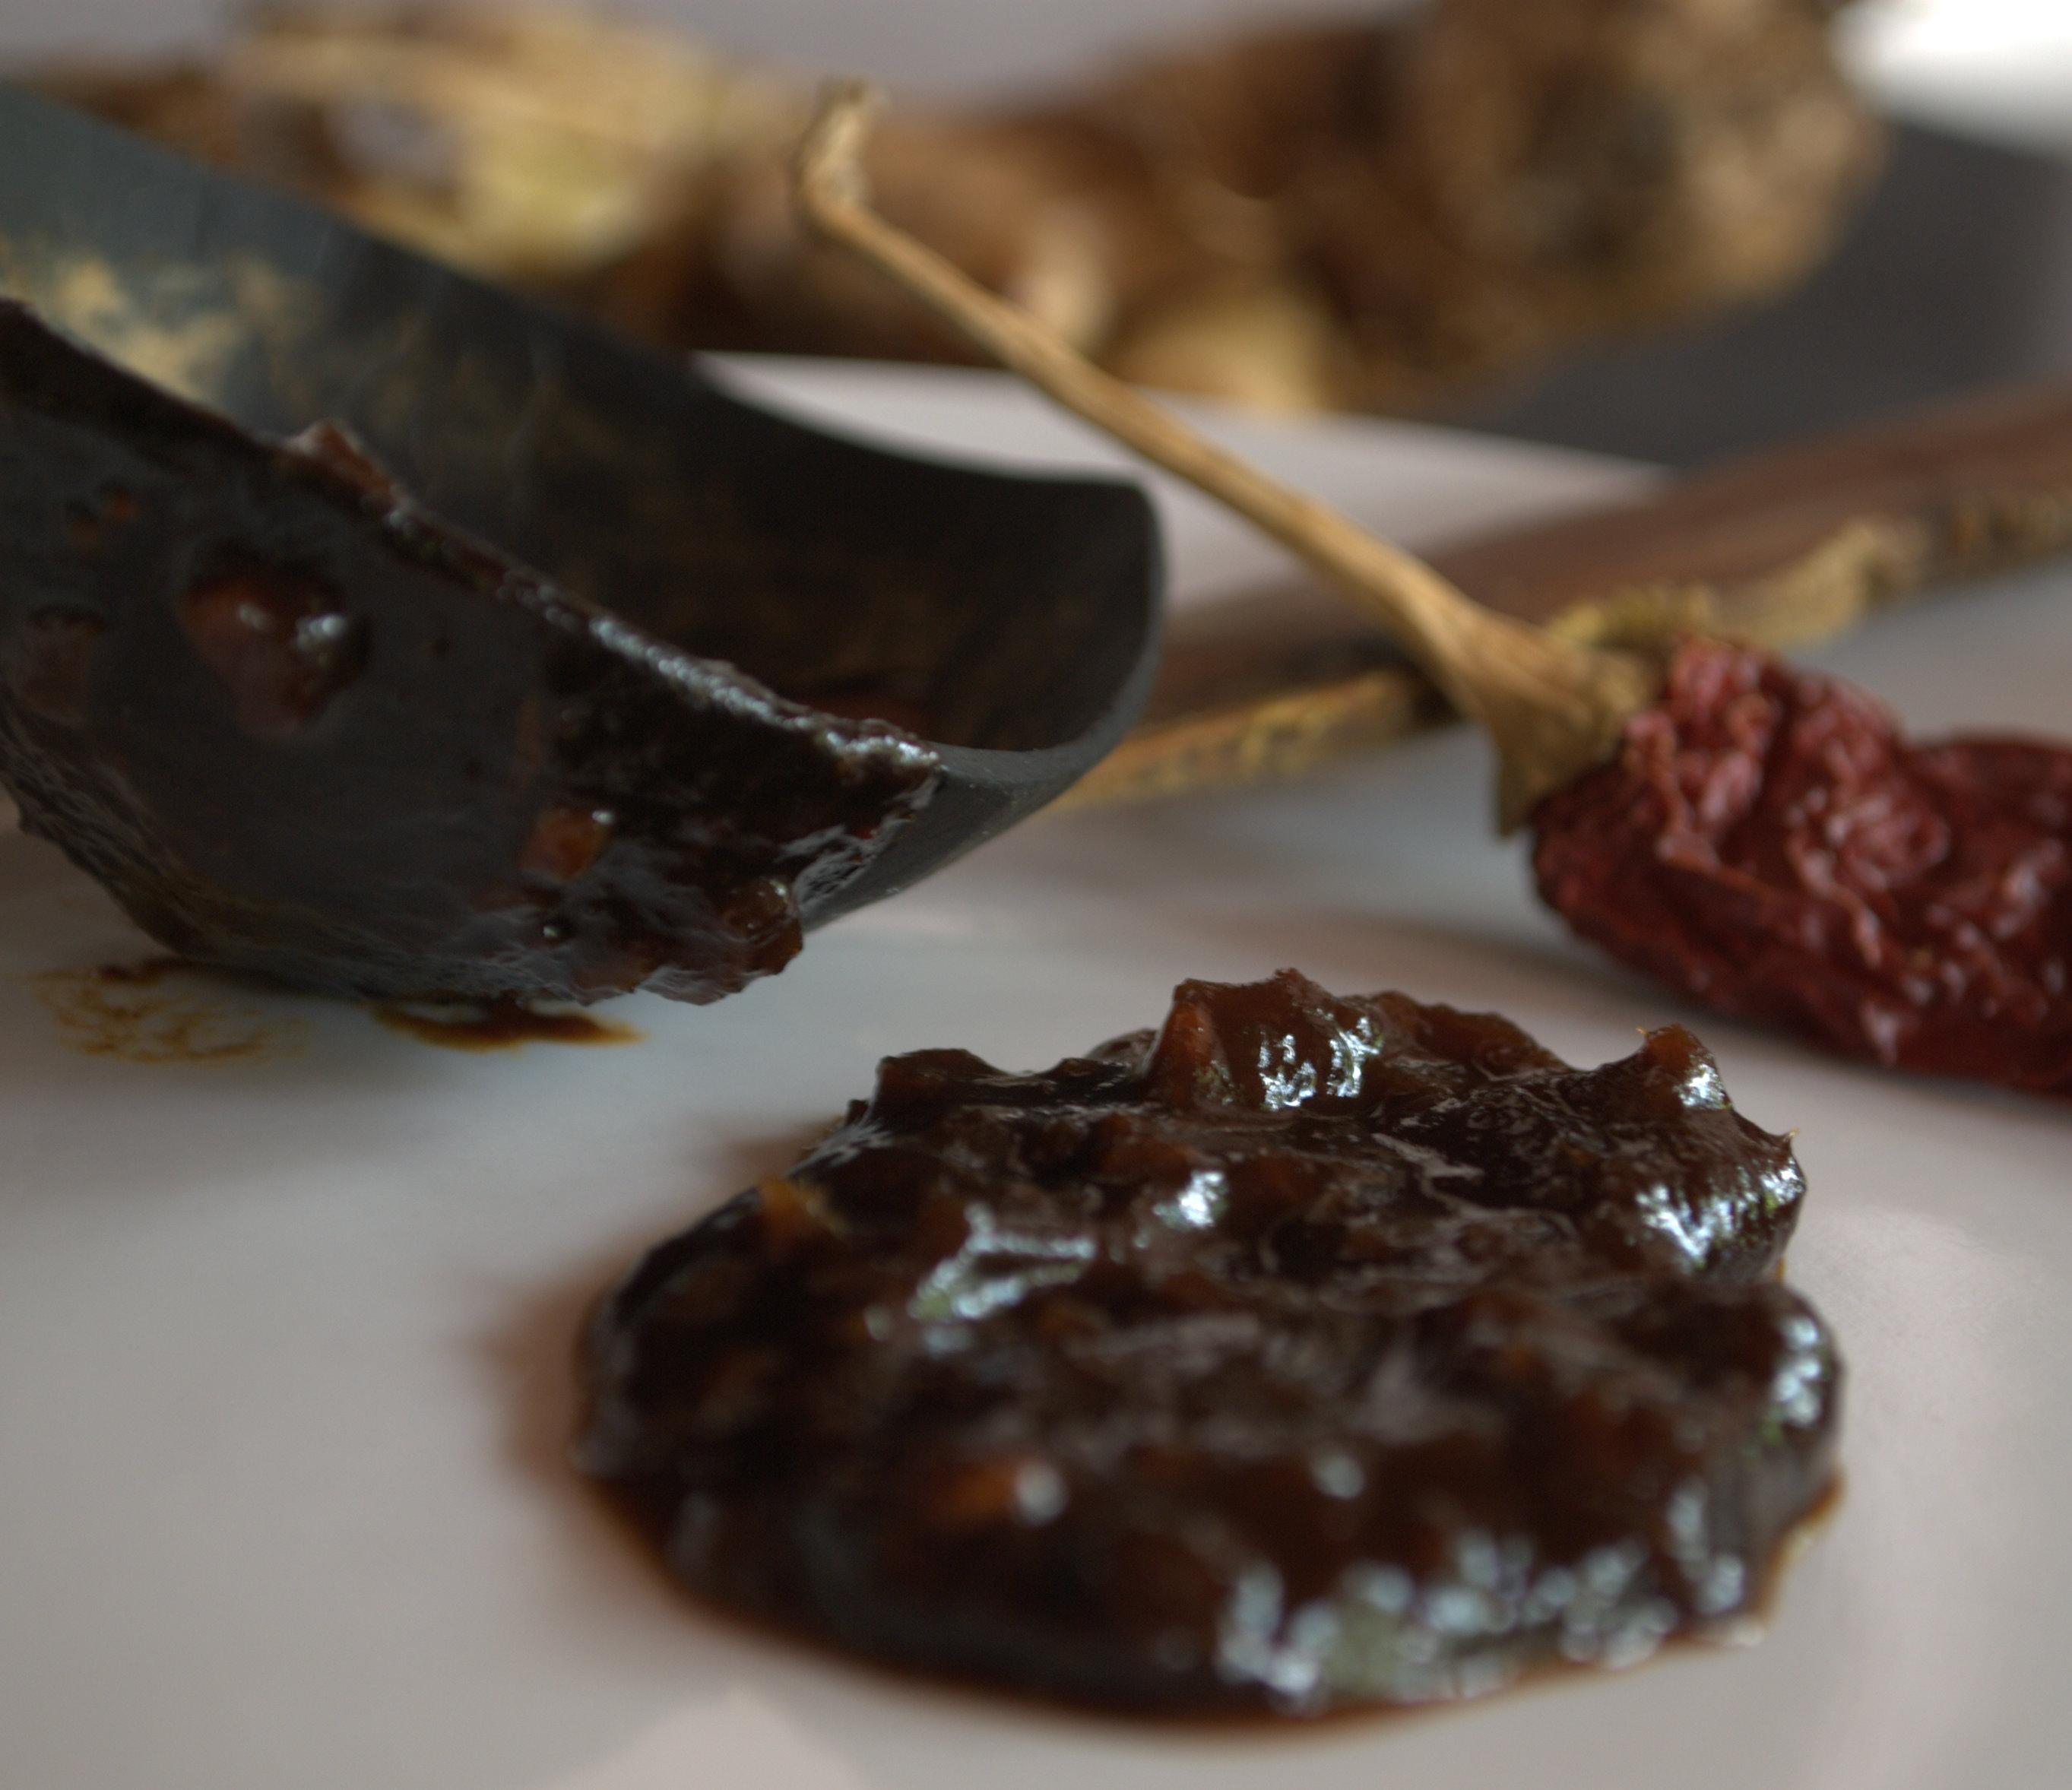 Sweet & Sour Tamarind Sauce